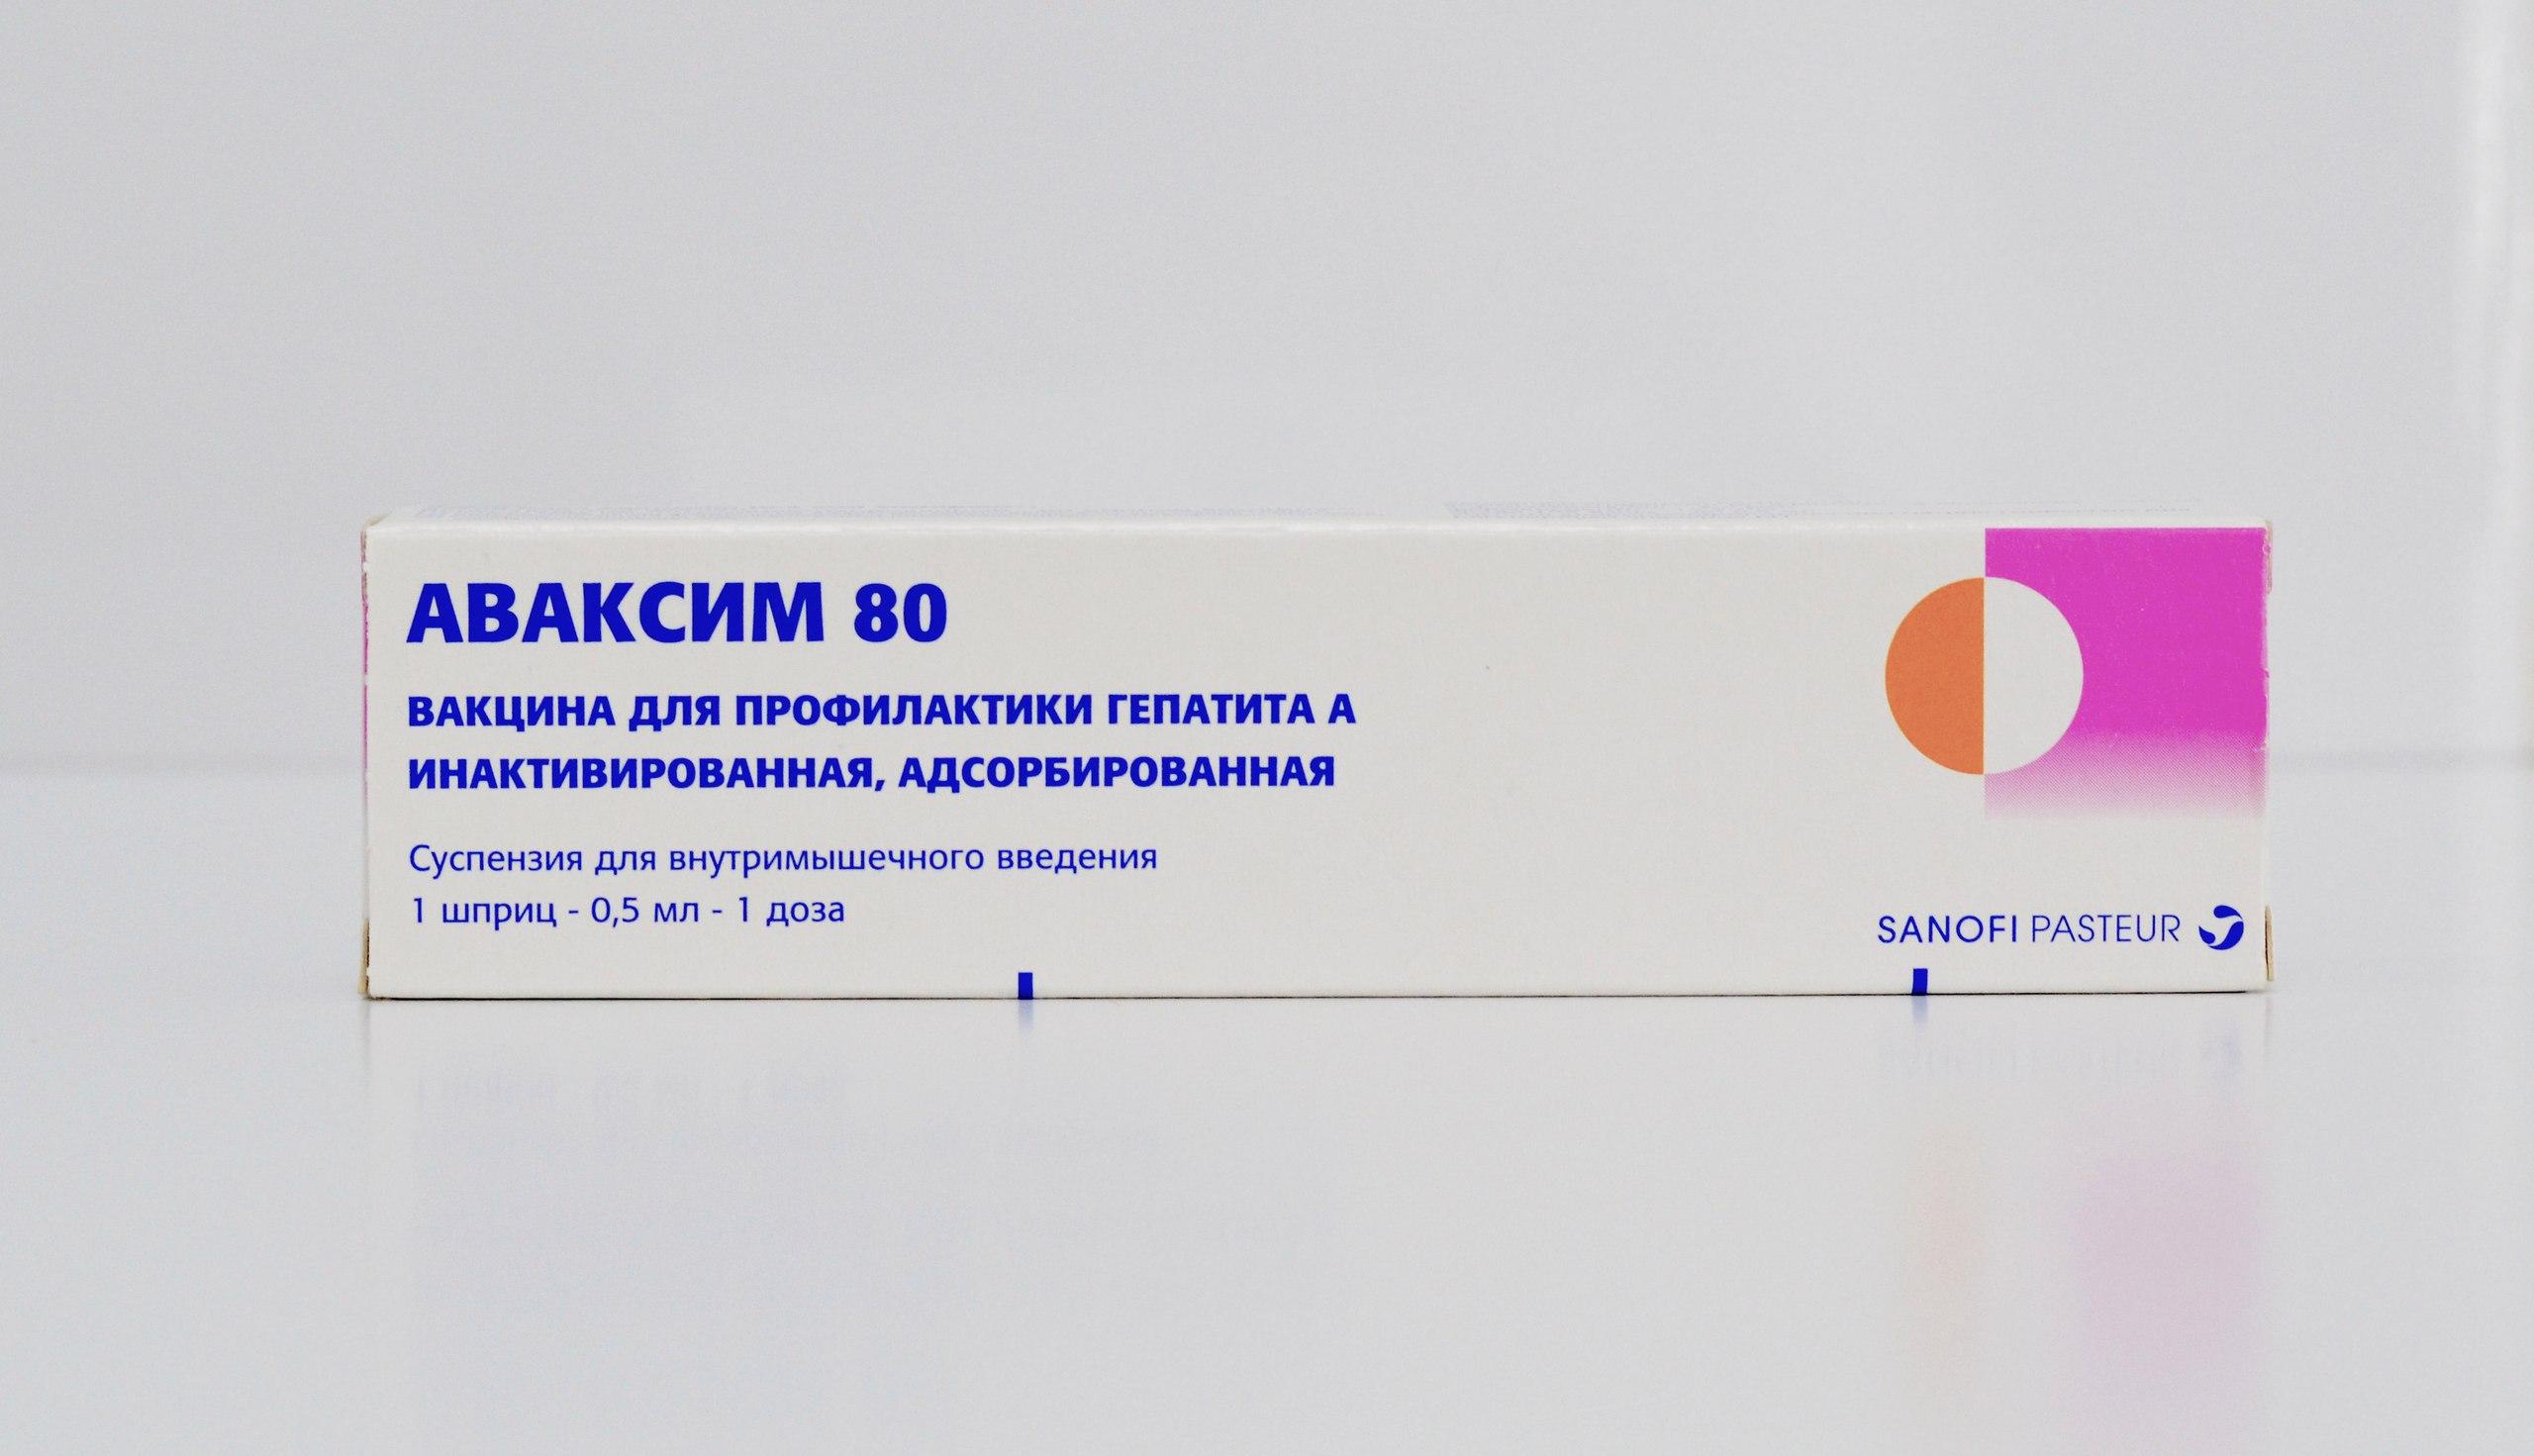 аваксим 80